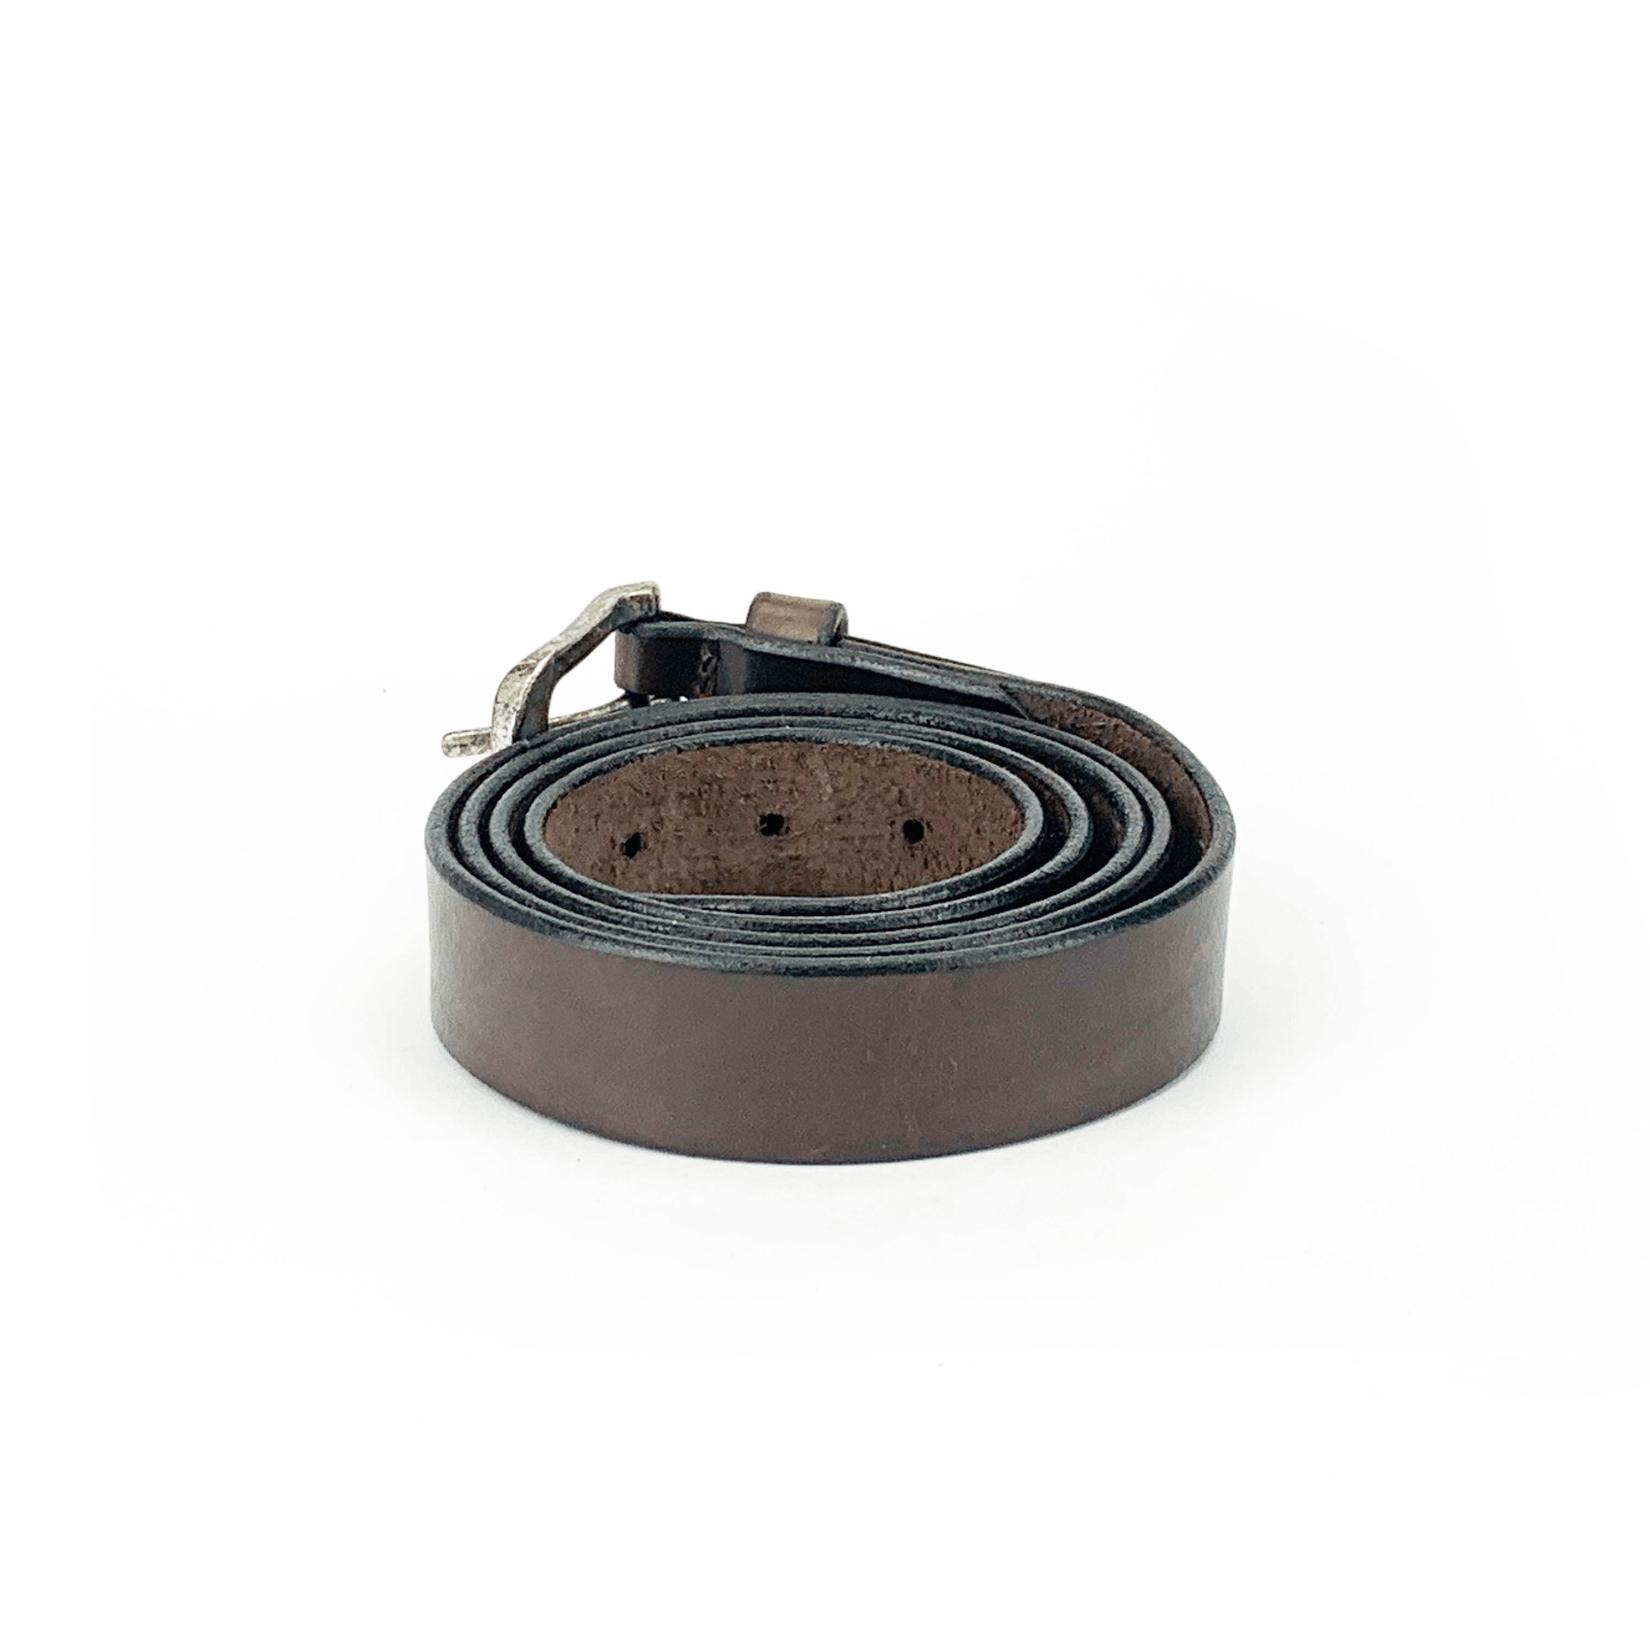 Cintura in cuoio di toro realizzata totalmente a mano testa di moro